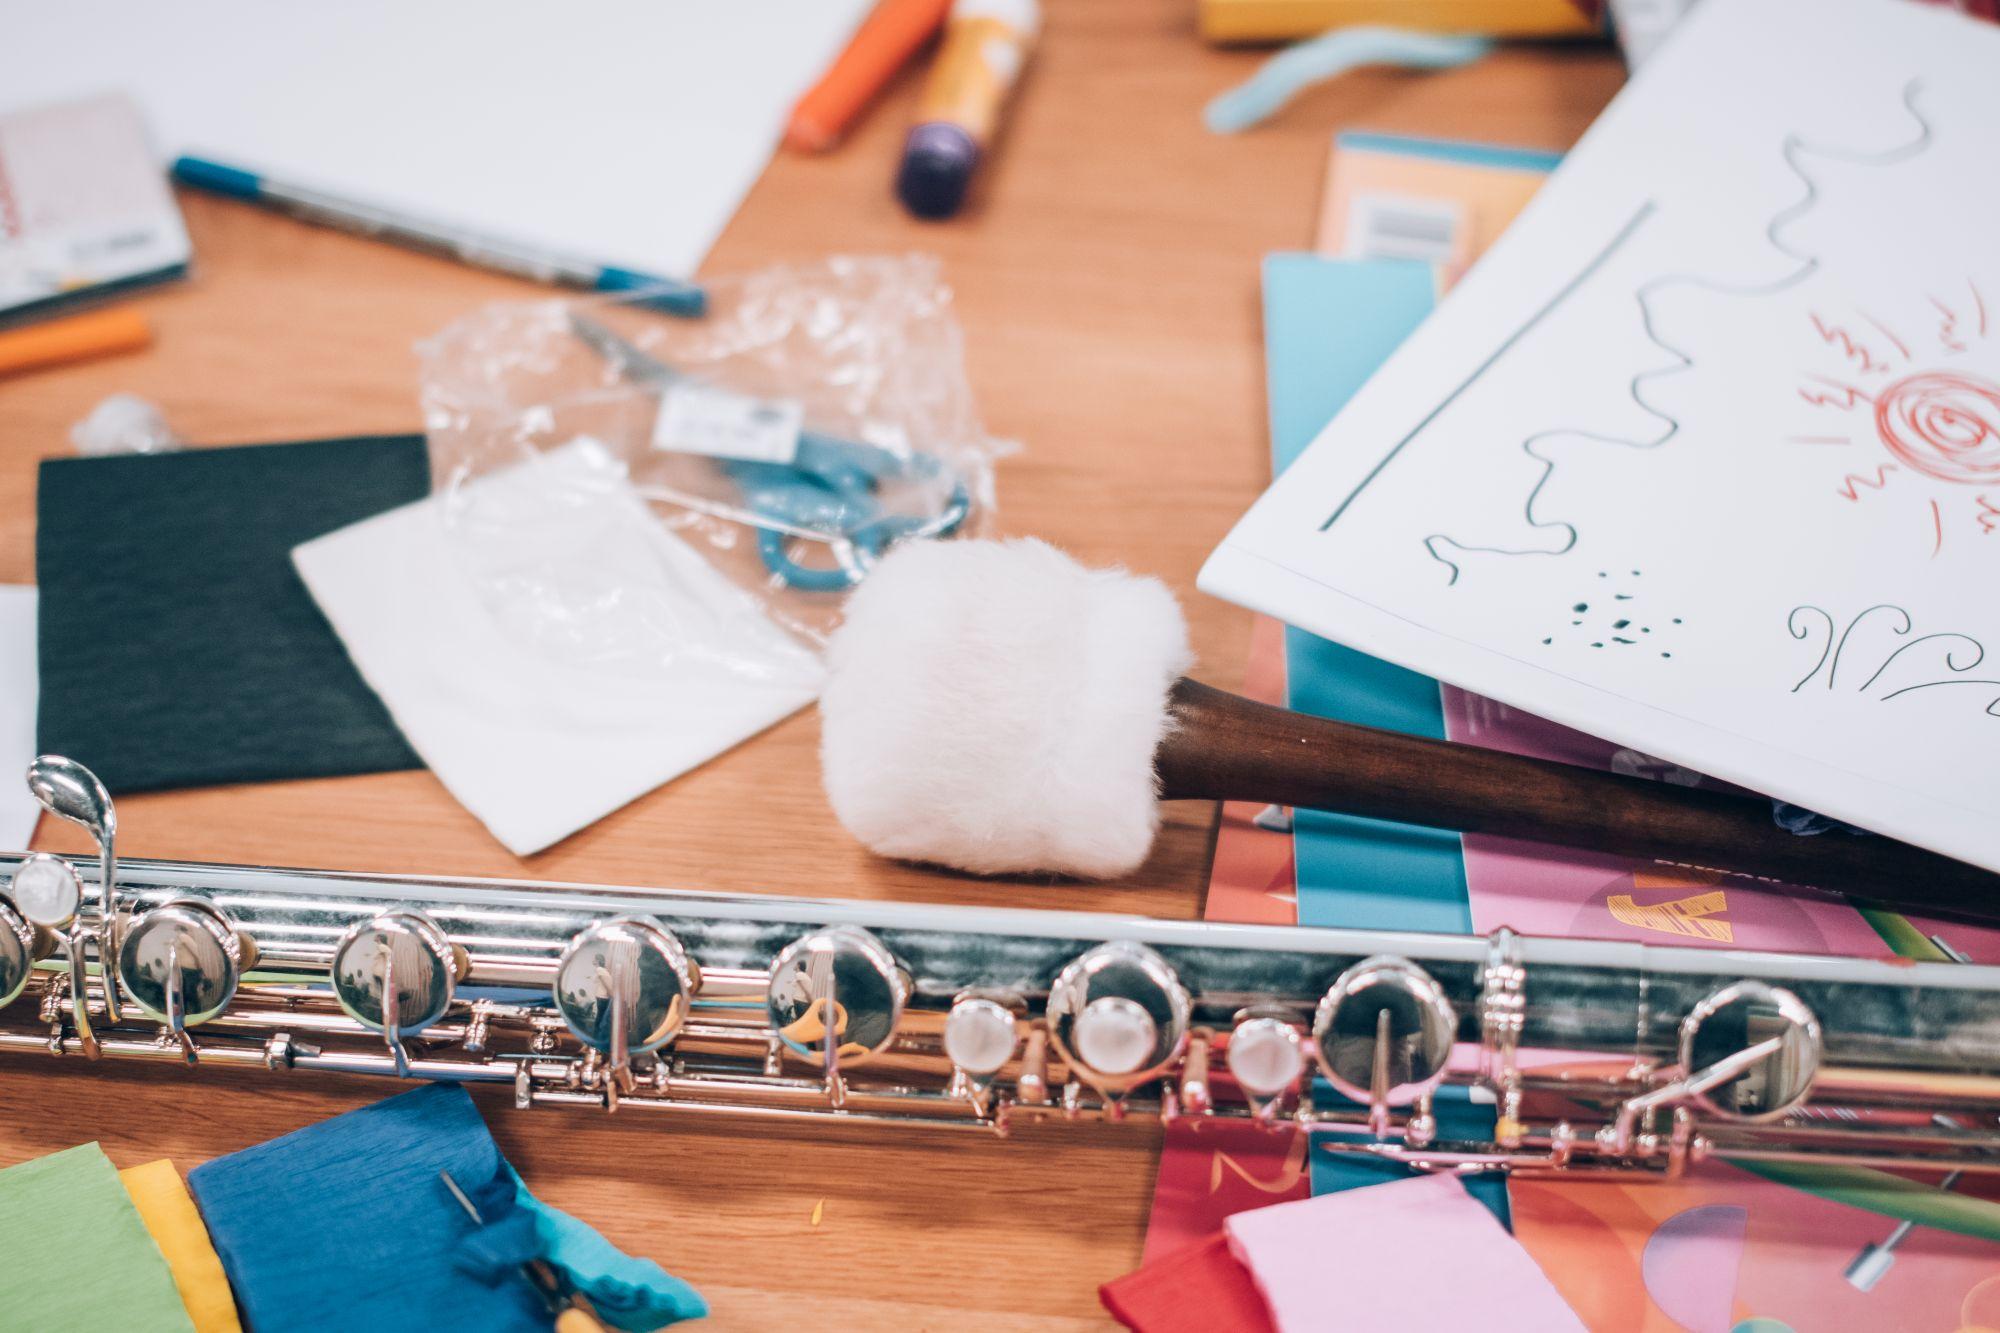 Zdjęcie ilustracyjne przedstawia stół, instrumenty muzyczne oraz przybory do pisania